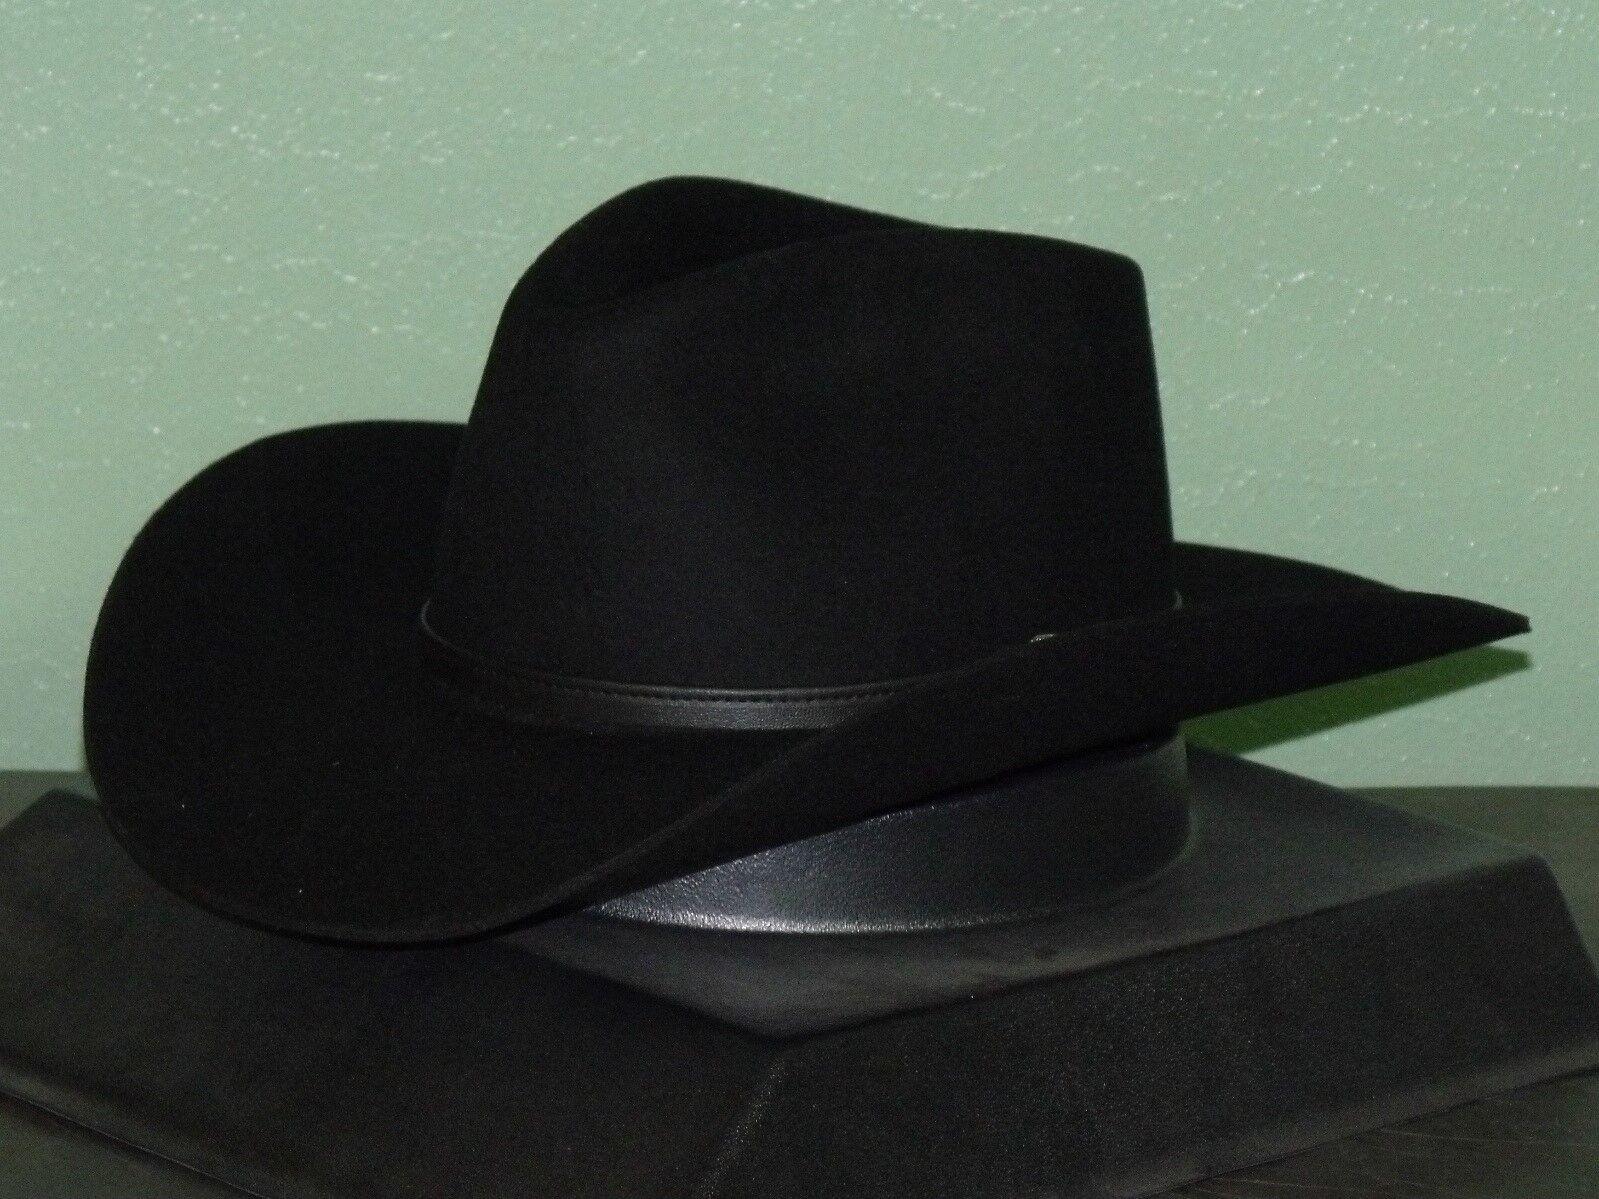 b2eebe05880 Stetson 4x Buffalo Felt Seneca Cowboy Western Hat 7 1 2 Black for ...